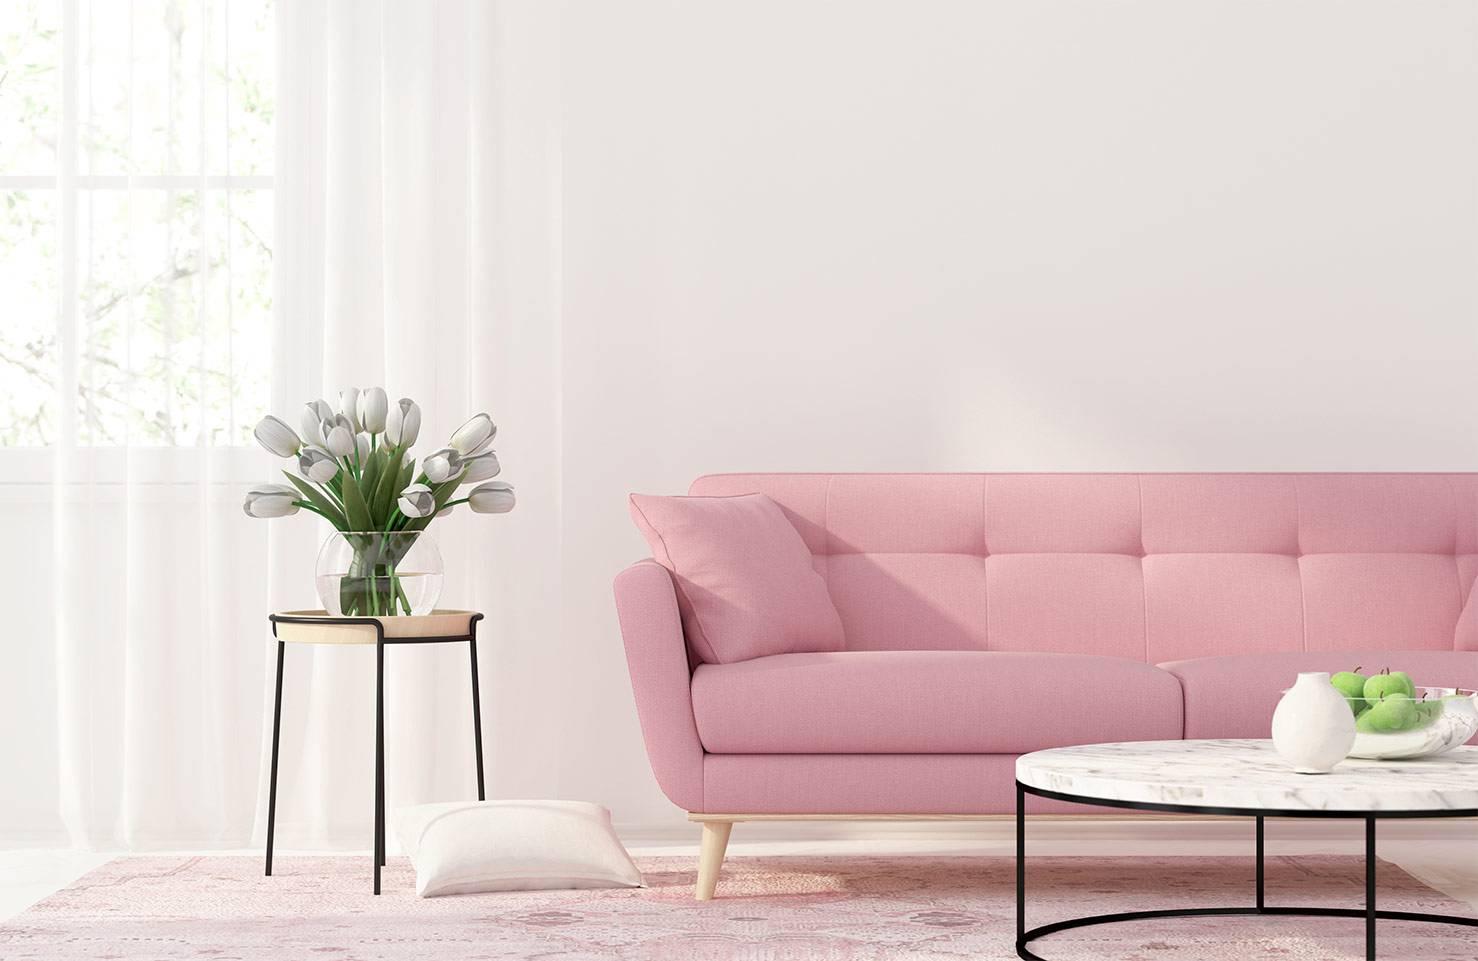 magasin de meubles design lyon ameublement et. Black Bedroom Furniture Sets. Home Design Ideas